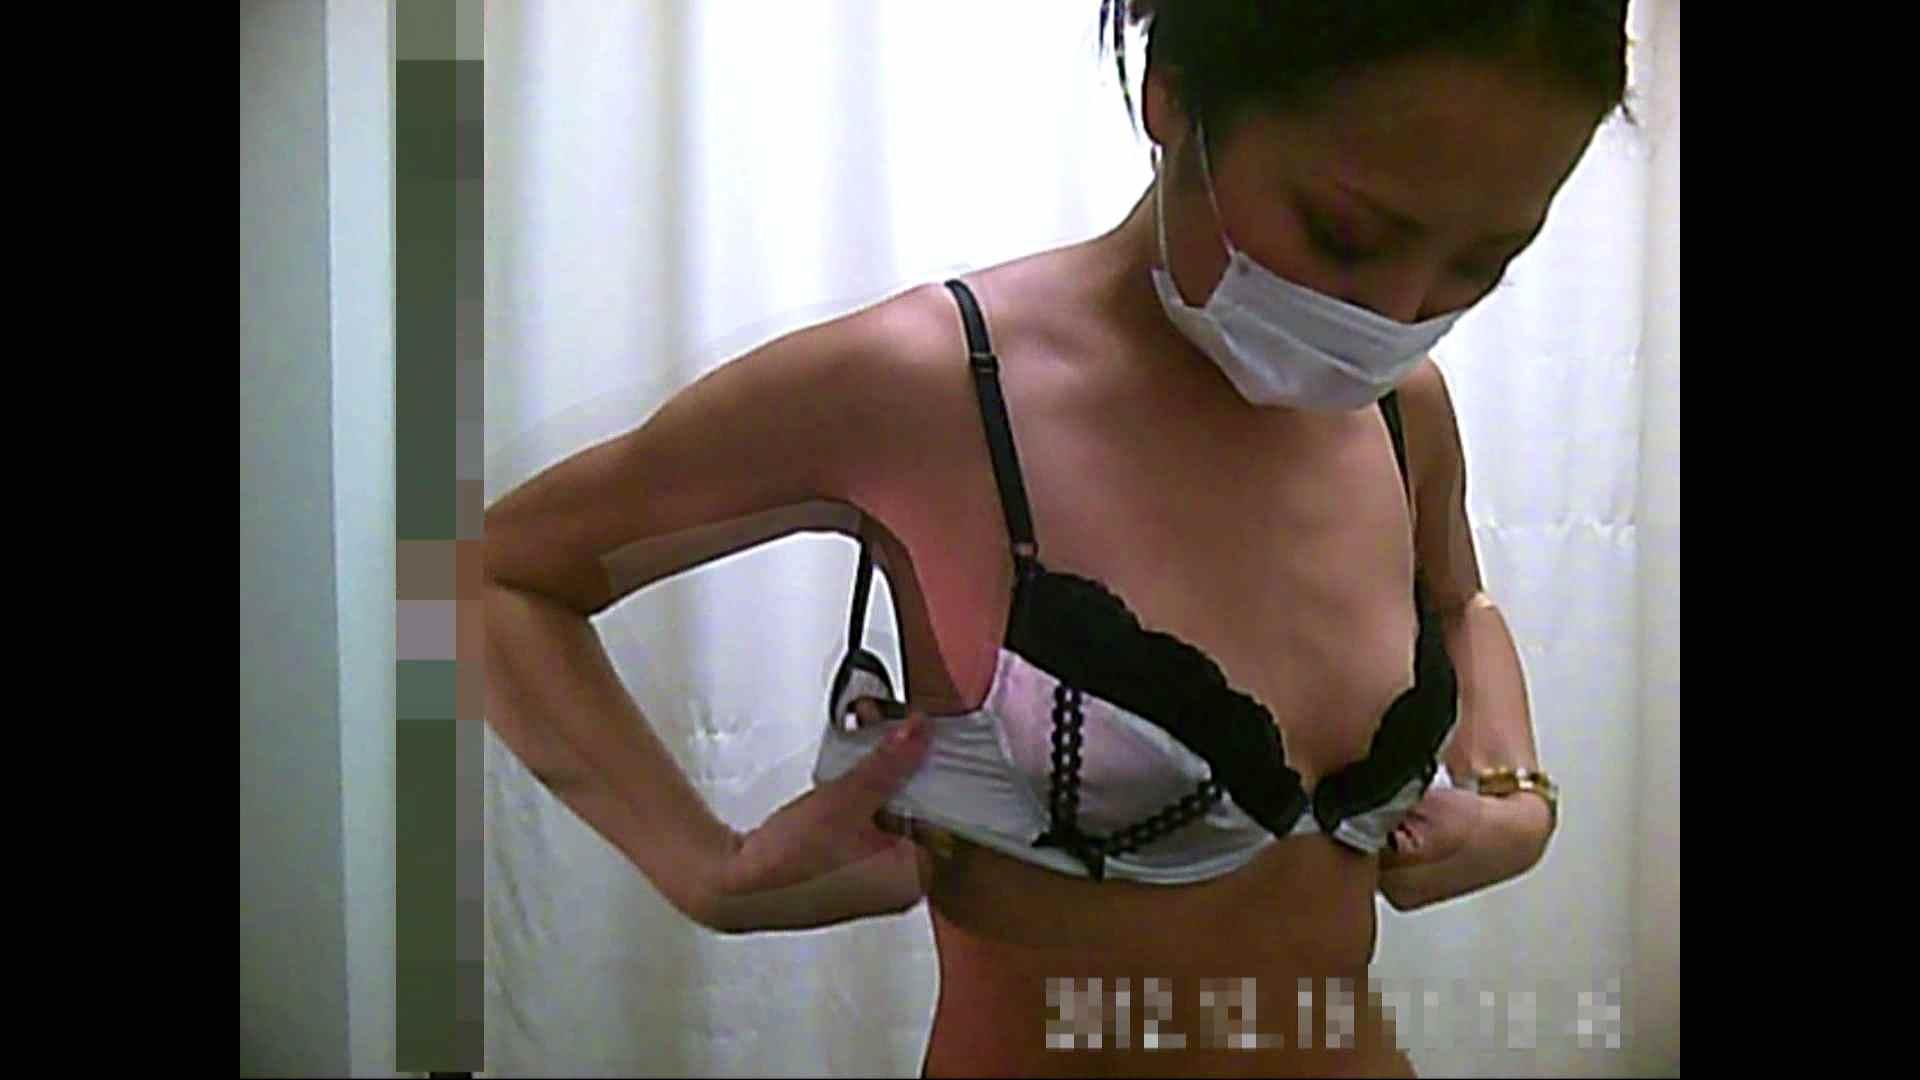 元医者による反抗 更衣室地獄絵巻 vol.115 OLハメ撮り  90Pix 37